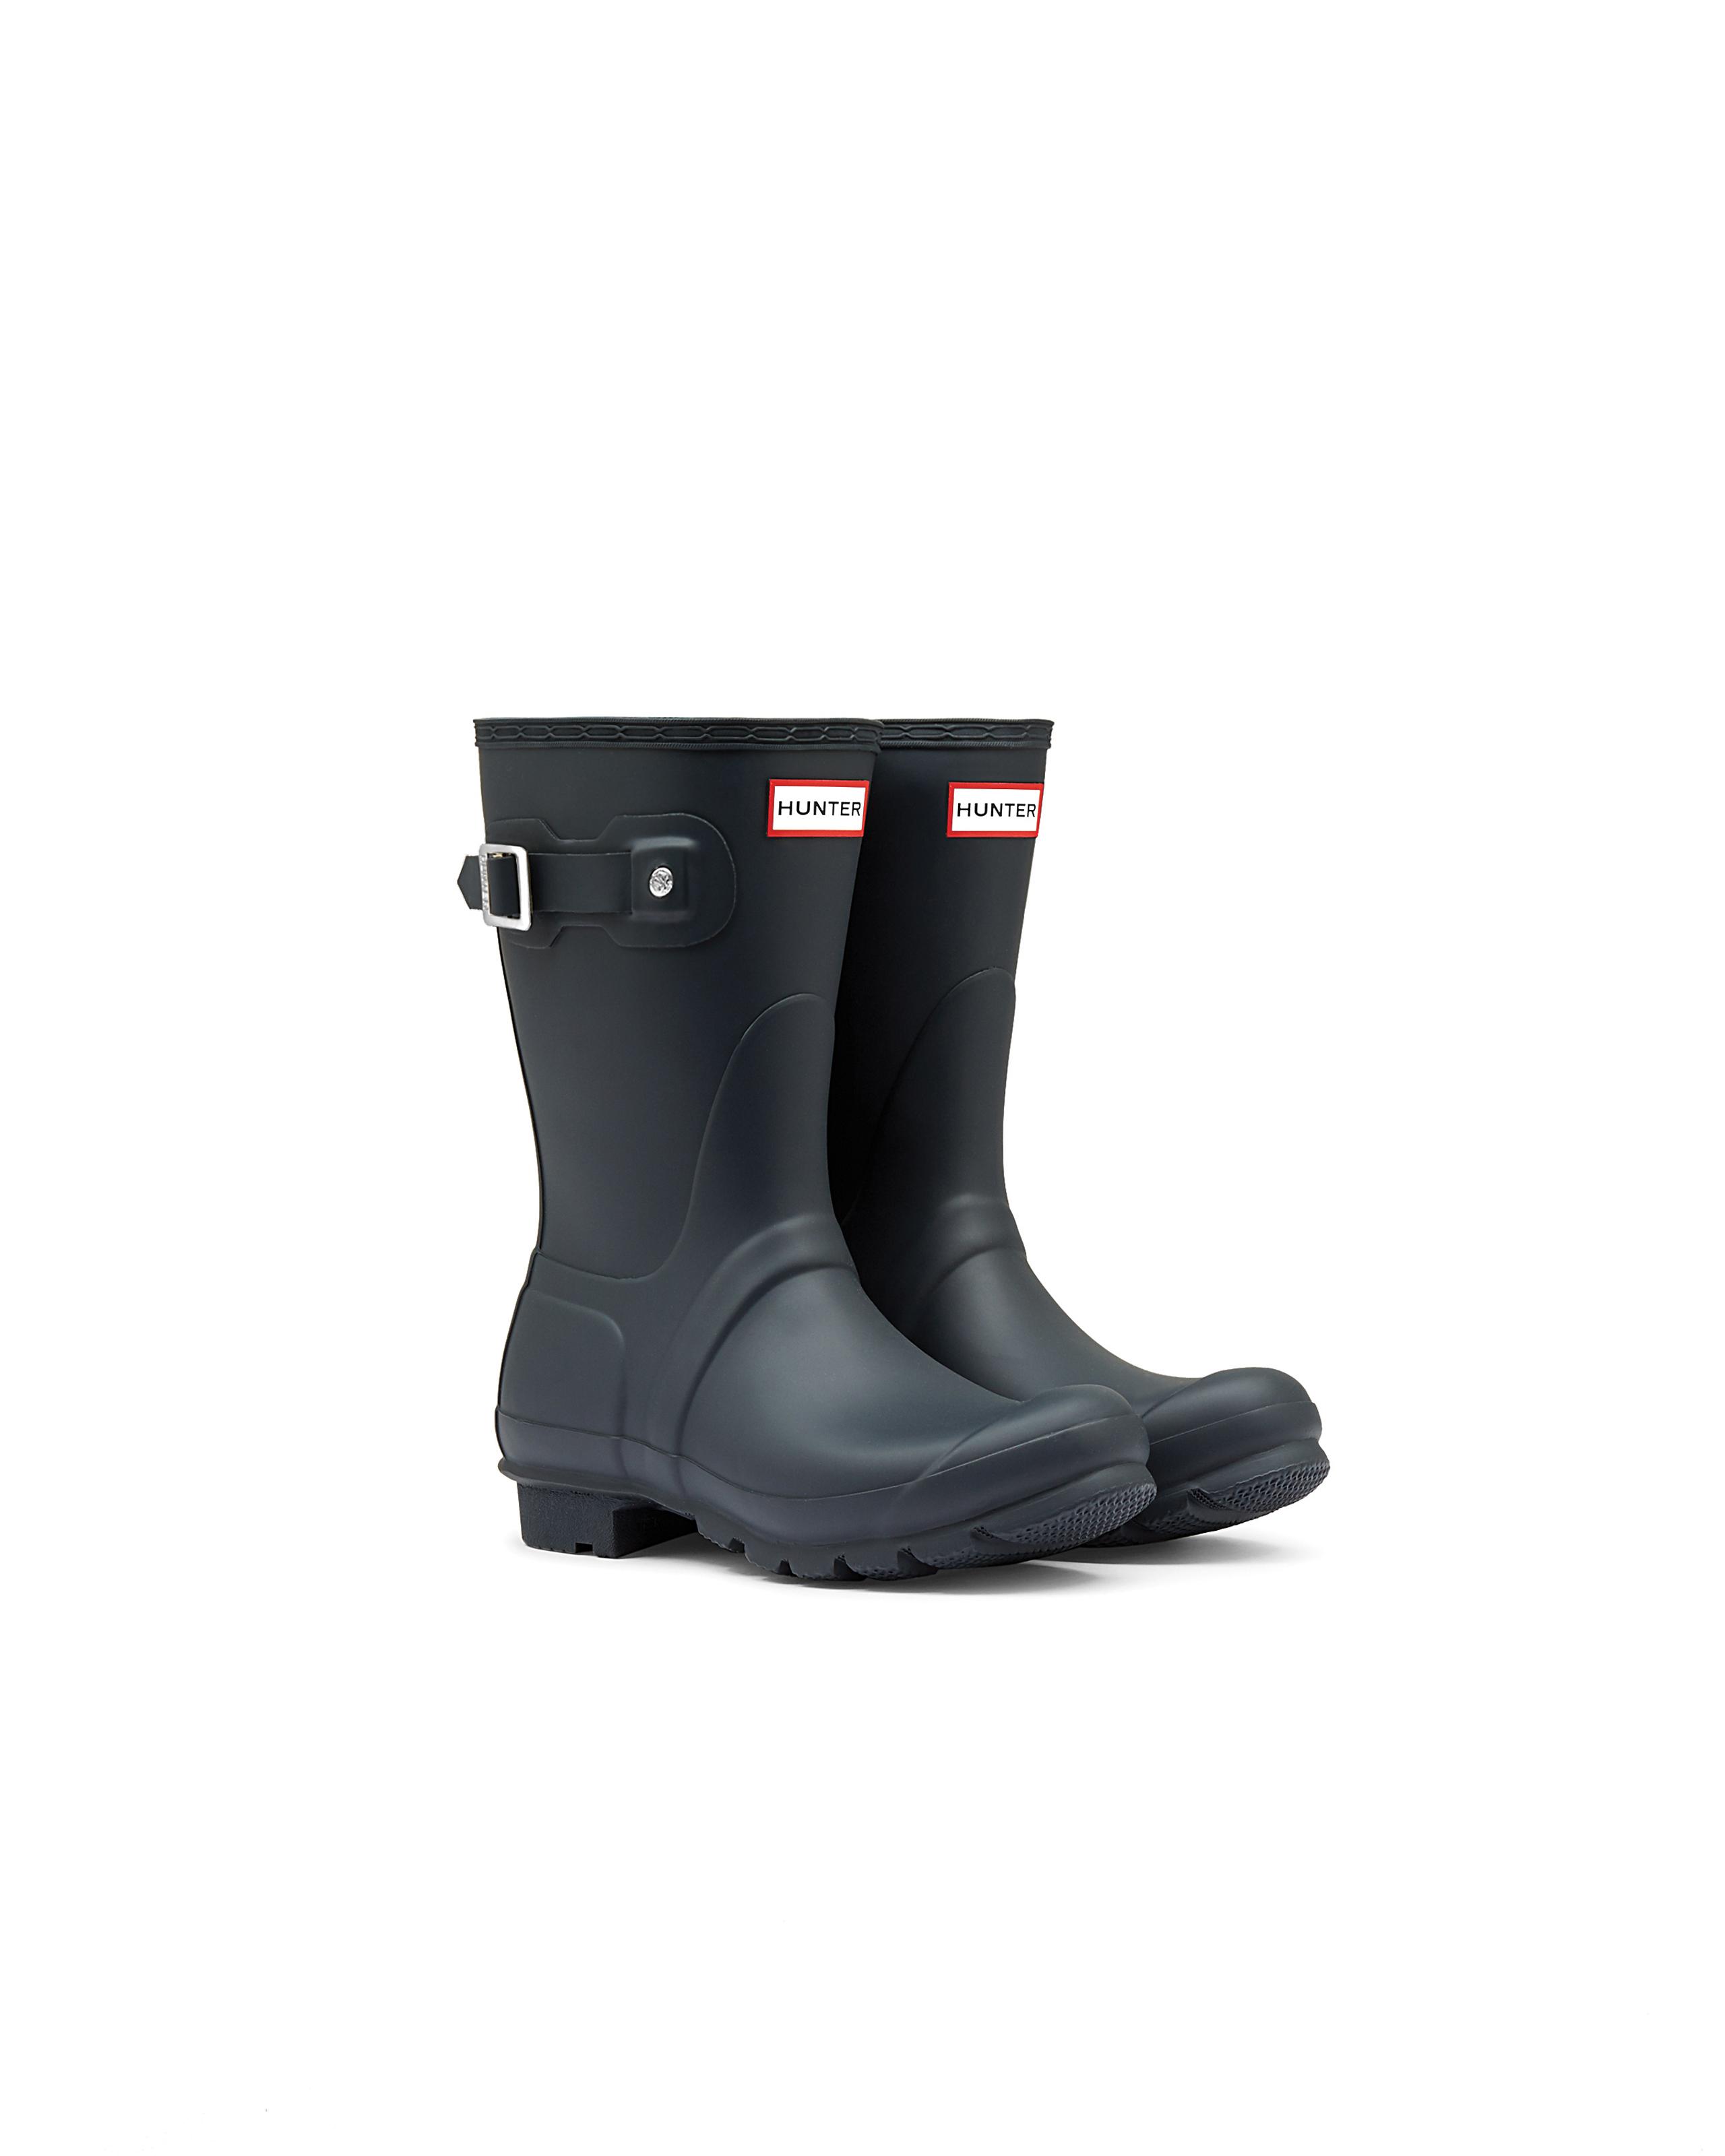 Hunter Boots Original Short (Herr) Hitta bästa pris på